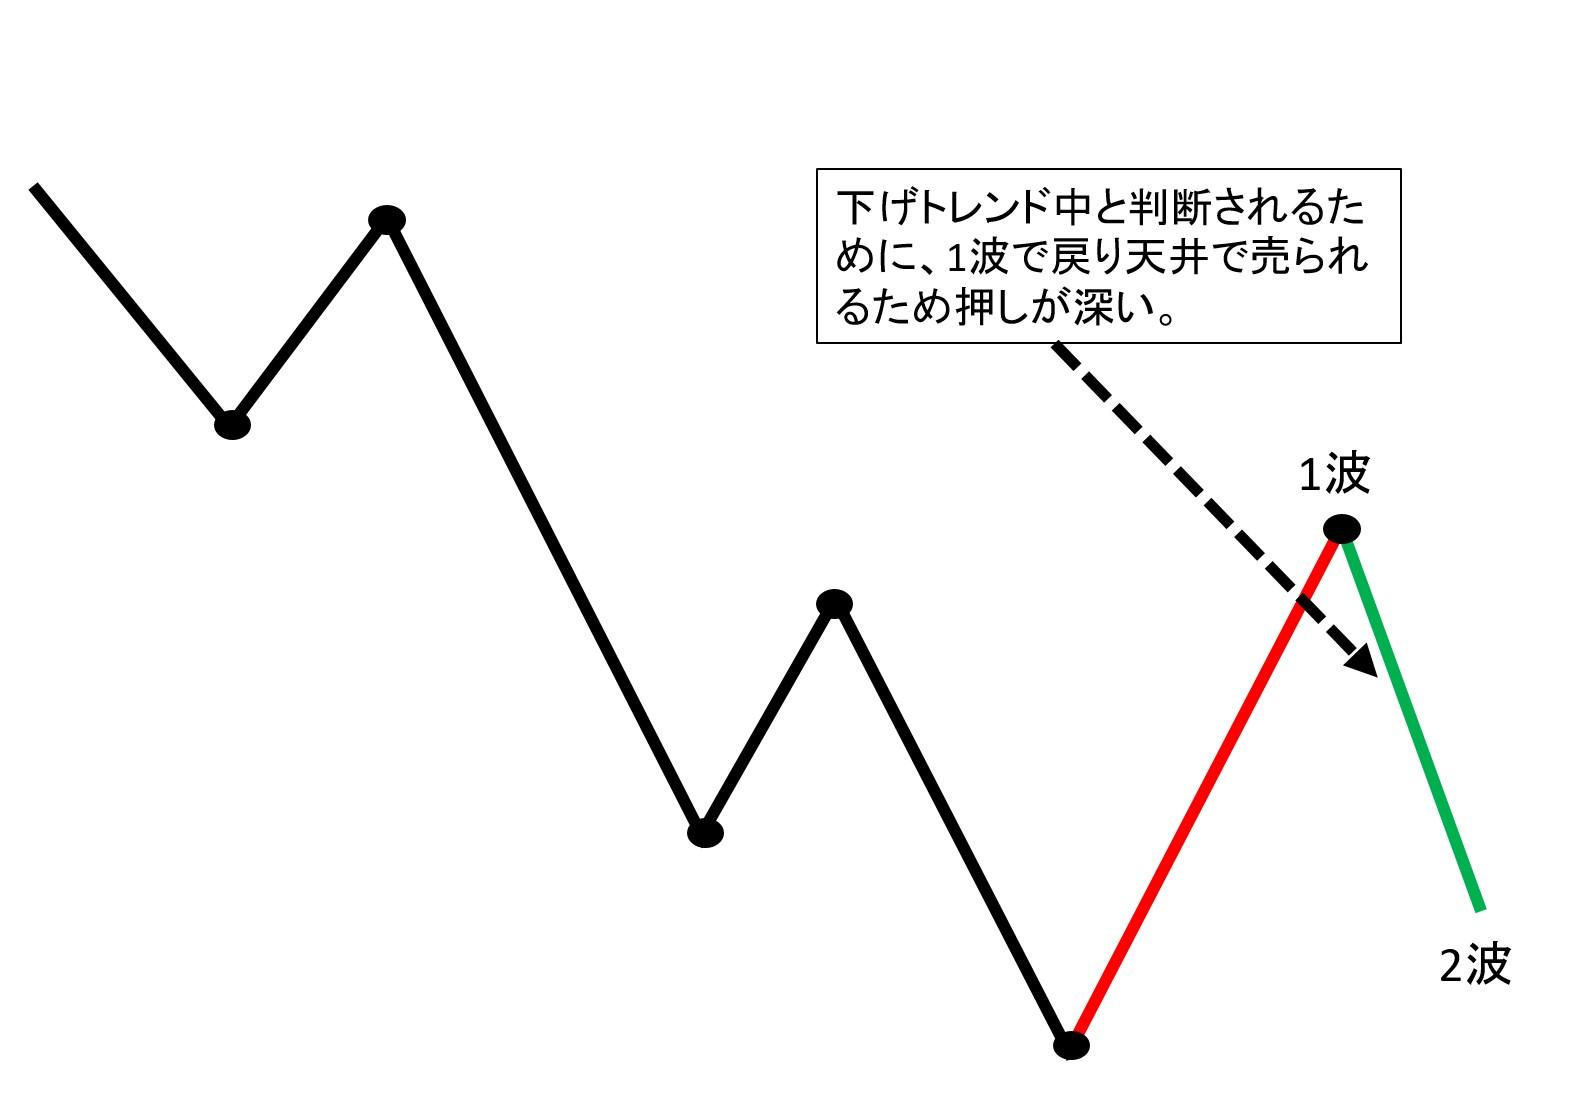 エリオット波動2波